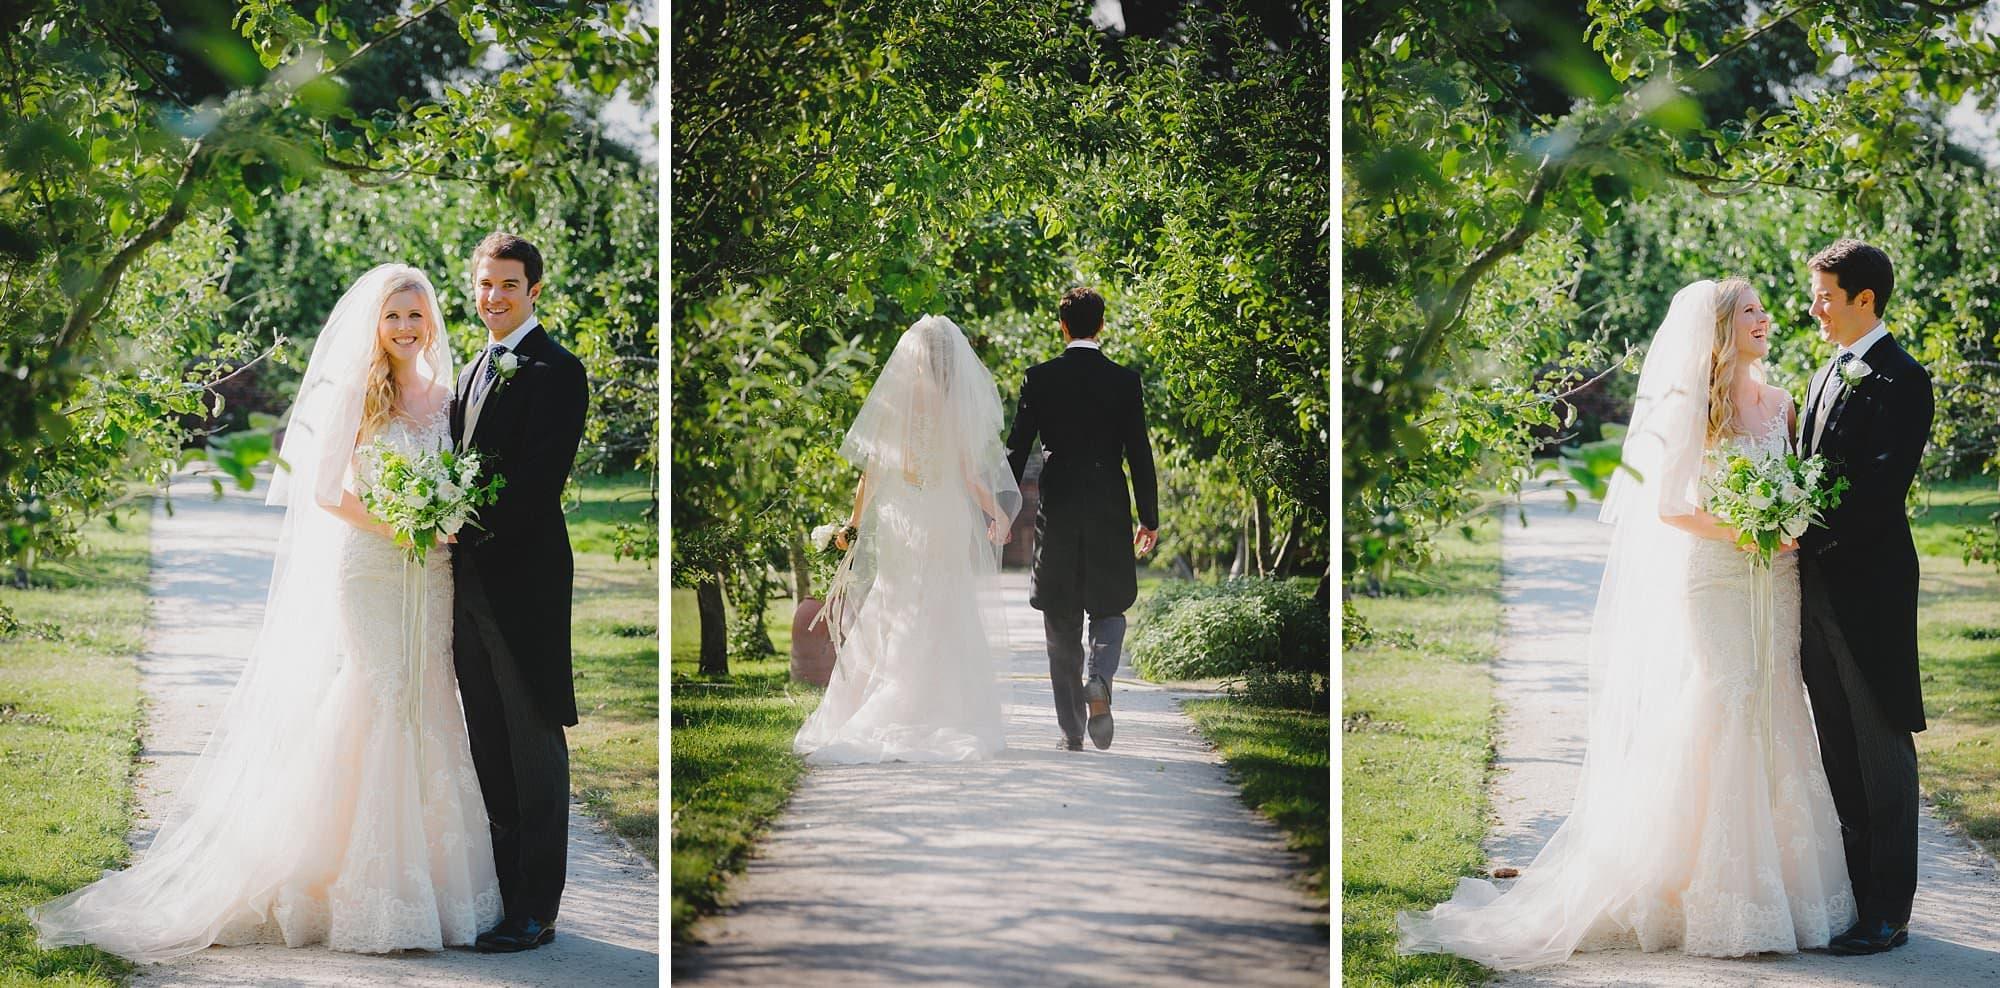 fulham palace wedding photographer 047 - Rosanna & Duncan's Fulham Palace Wedding